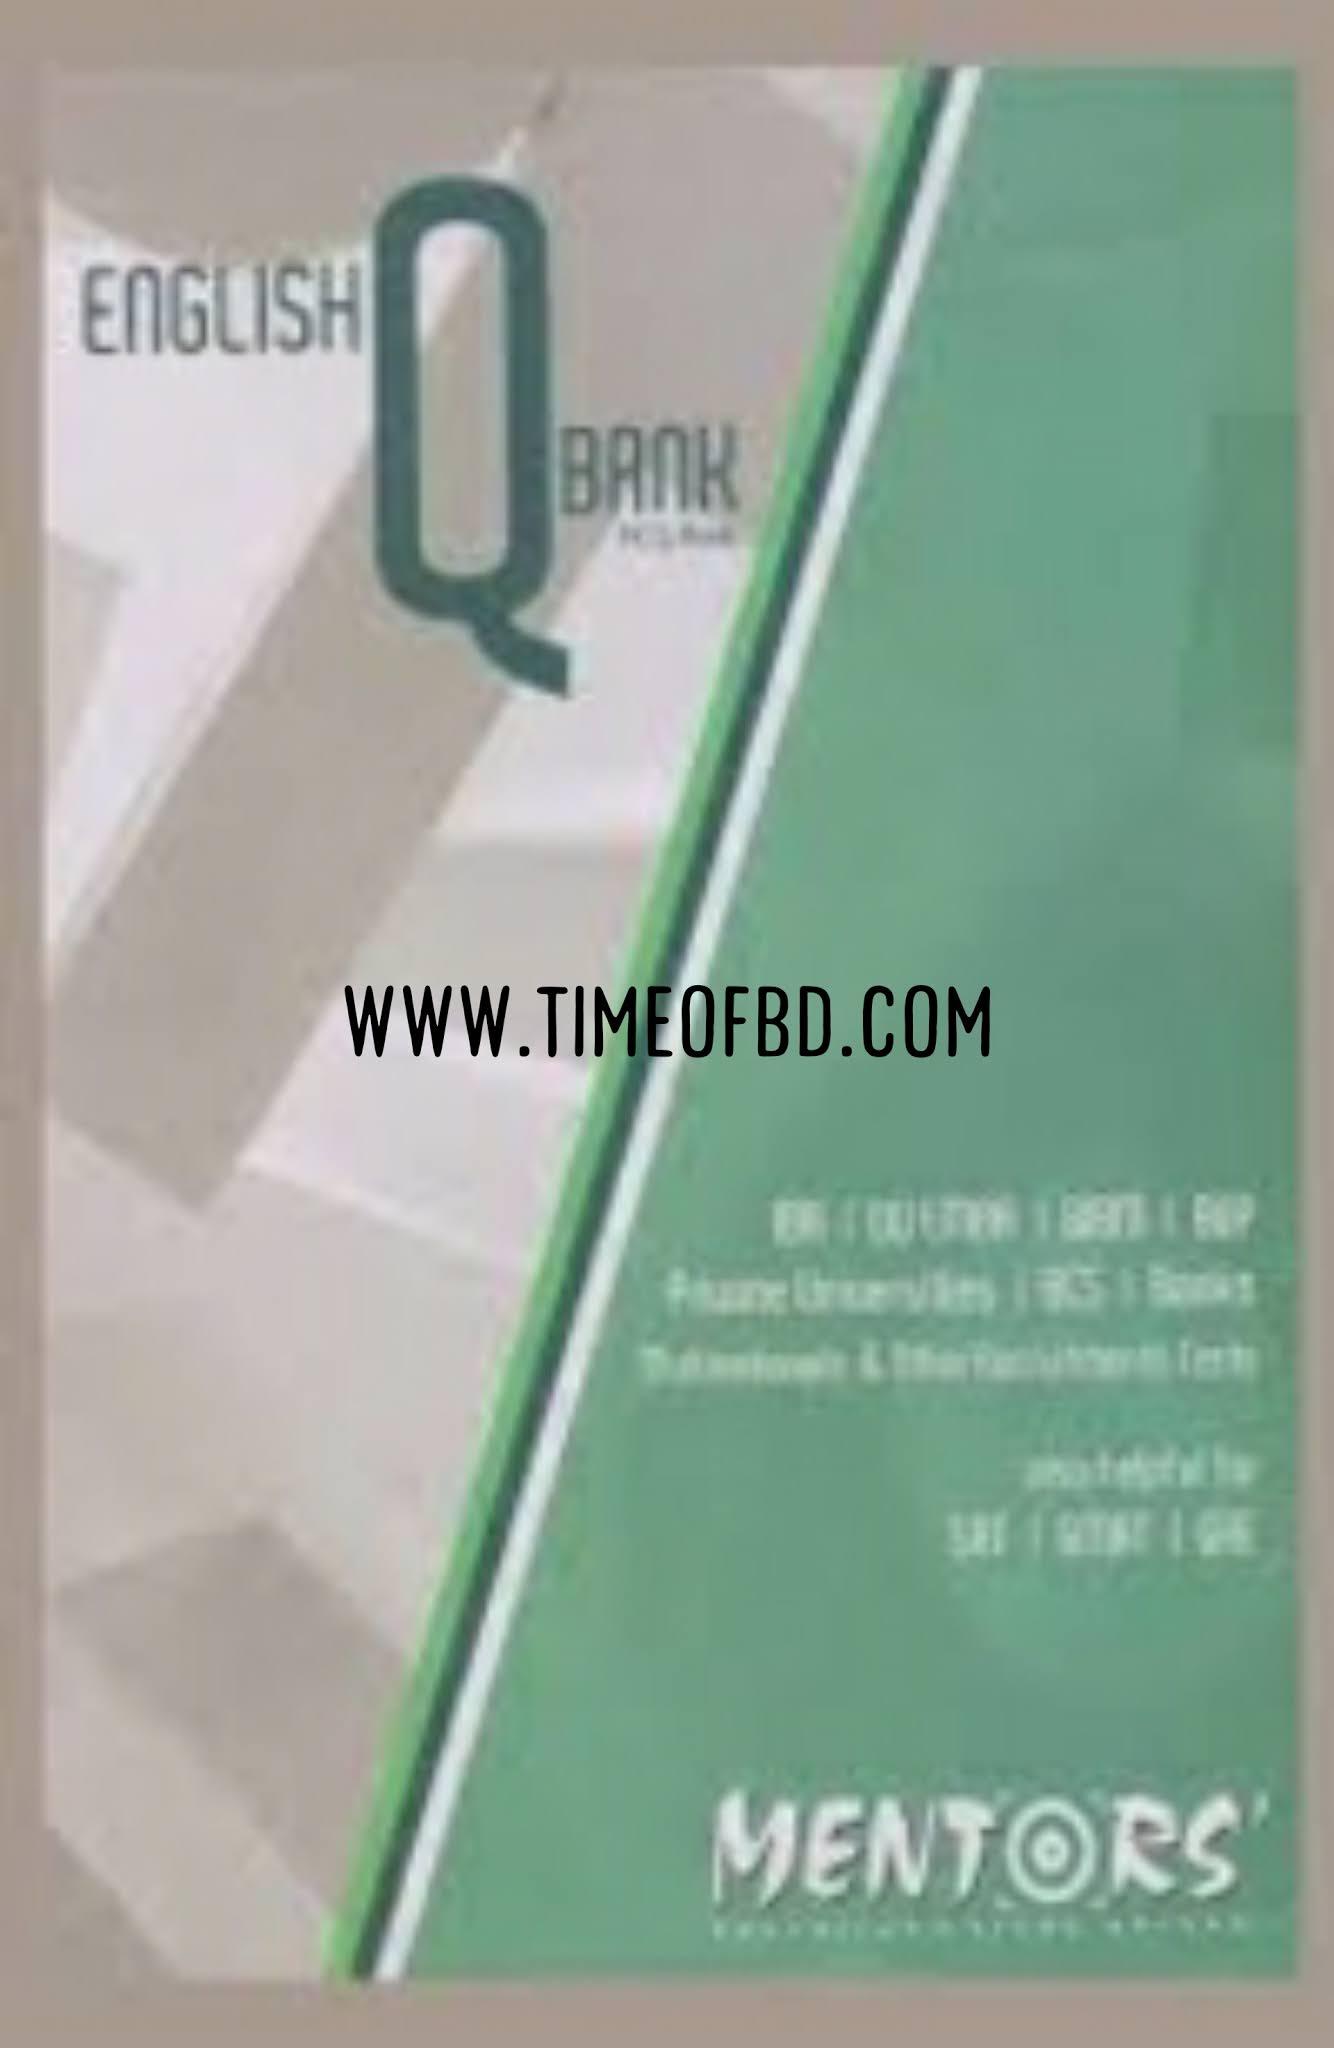 mentors english qbank pdf download link, mentors english qbank pdf, mentors english qbank pdf download, mentors english qbank